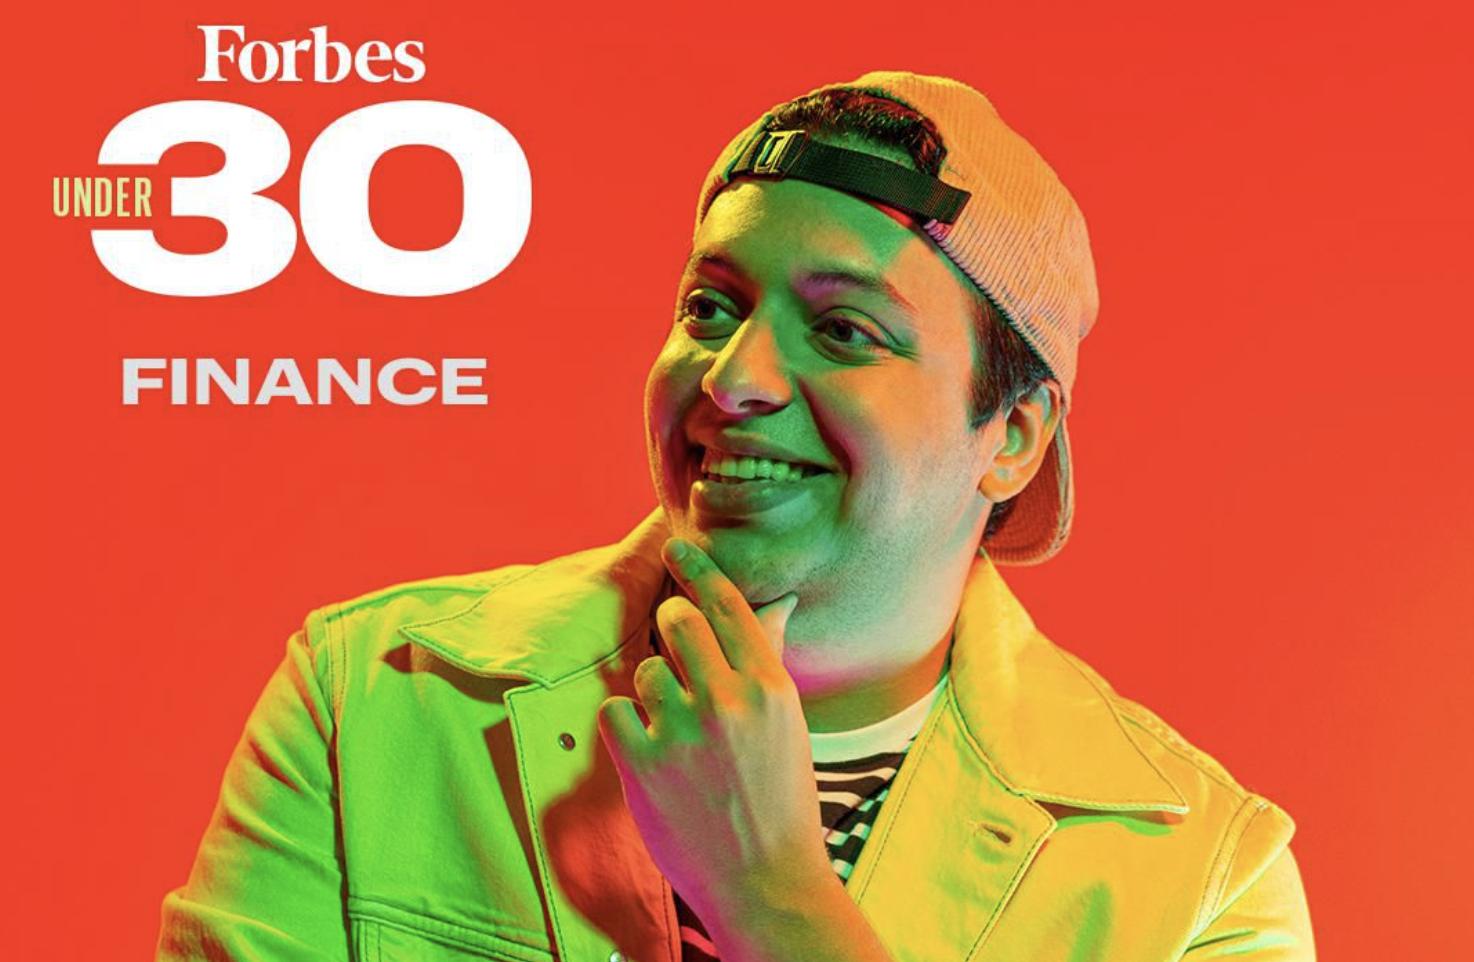 30 Under 30 Forbes finanza